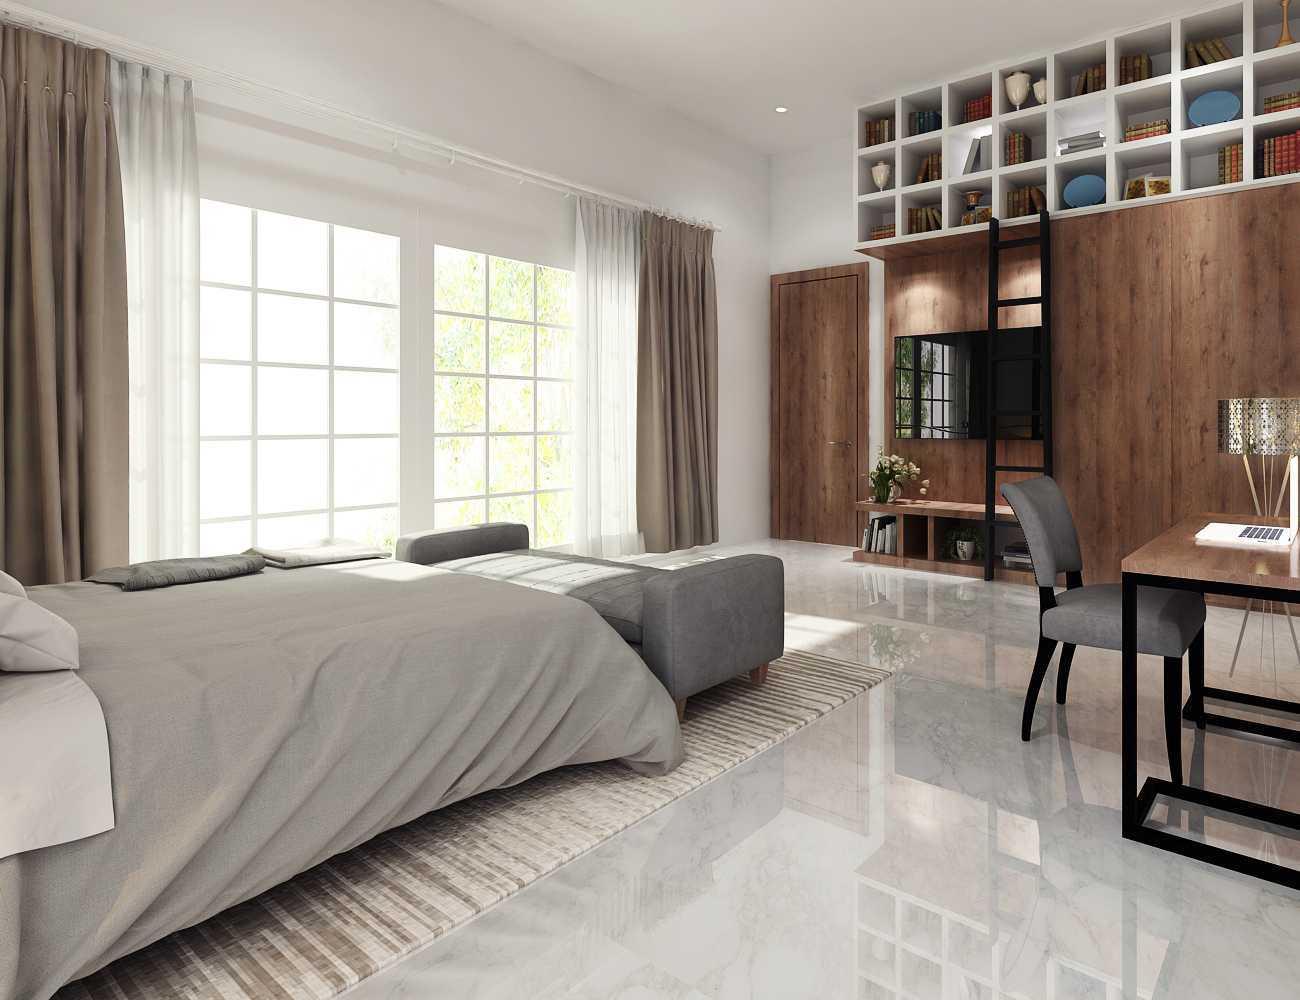 Mimo Home Interior Design & Build Private Residence - Serpong Serpong, Jakarta Serpong, Jakarta Bedroom 2   19384